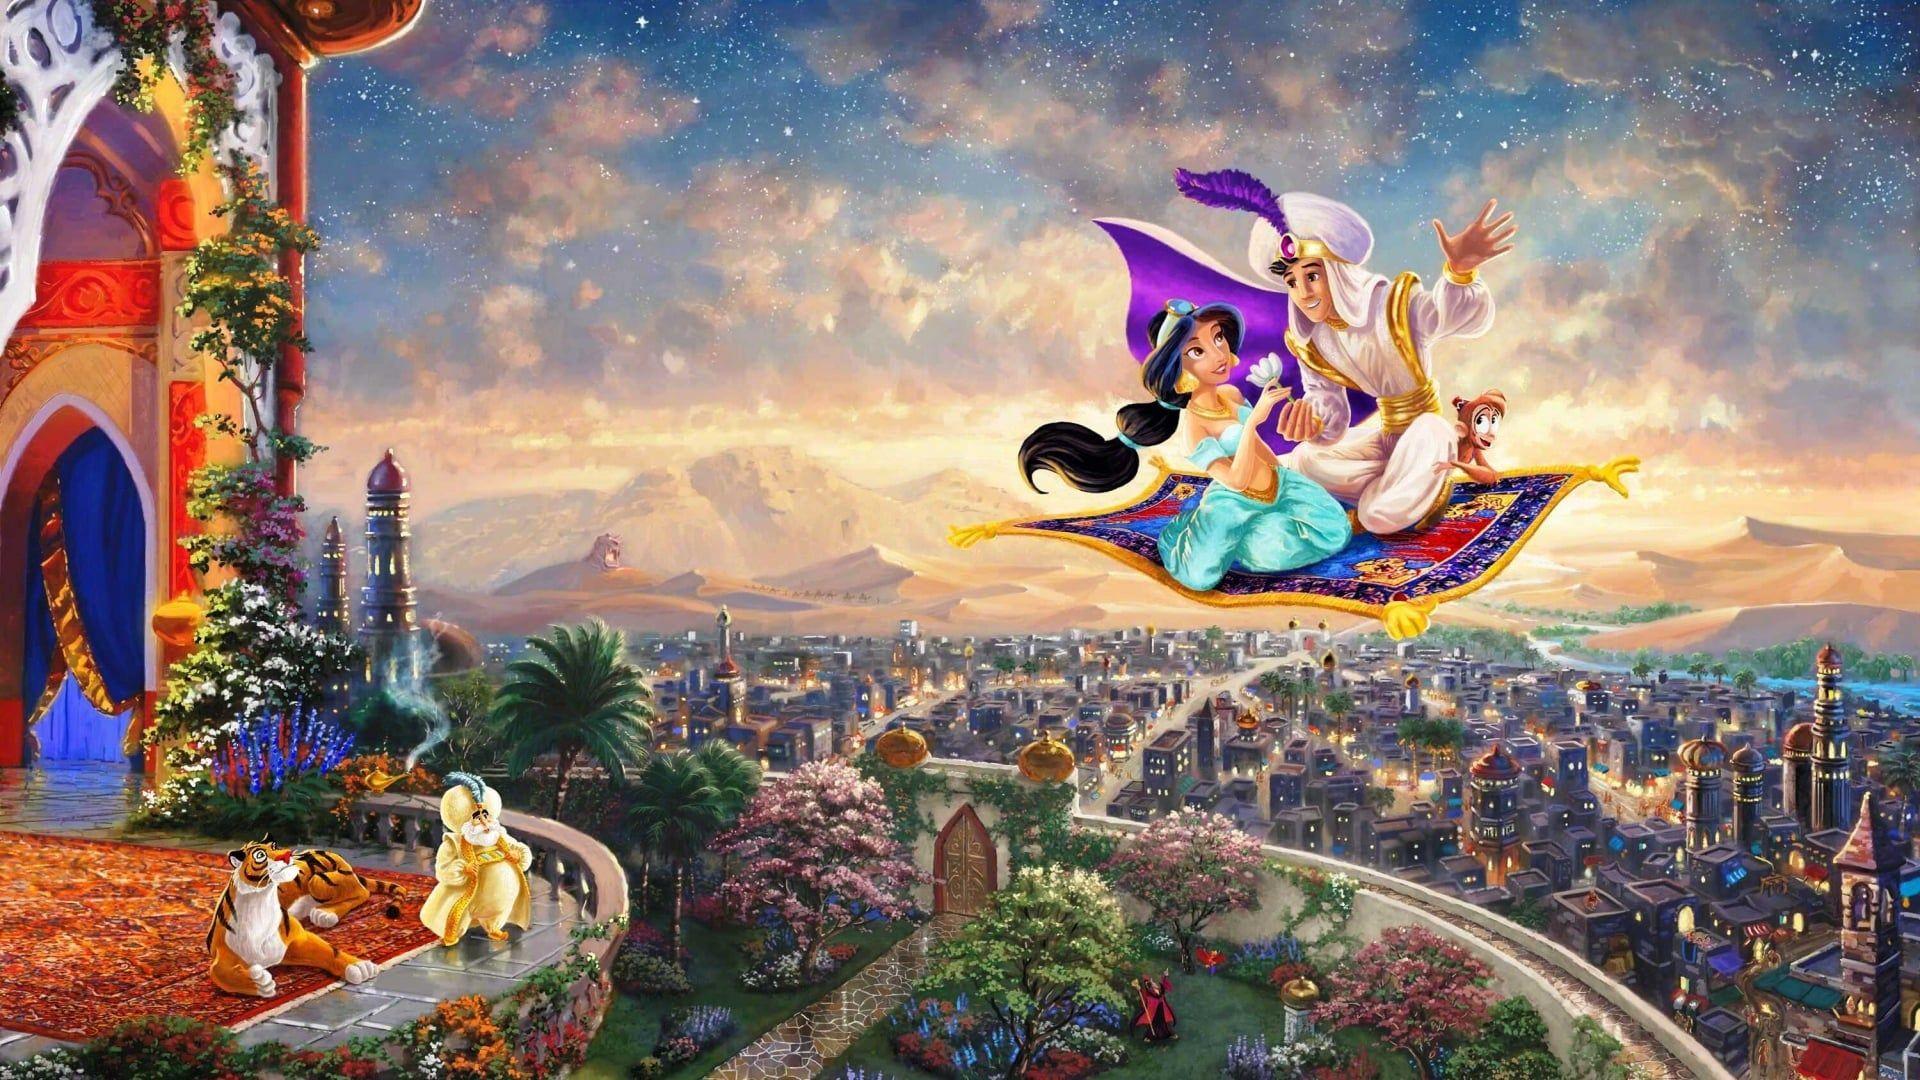 Aladdin 1992 - Ganzer Film Auf Deutsch